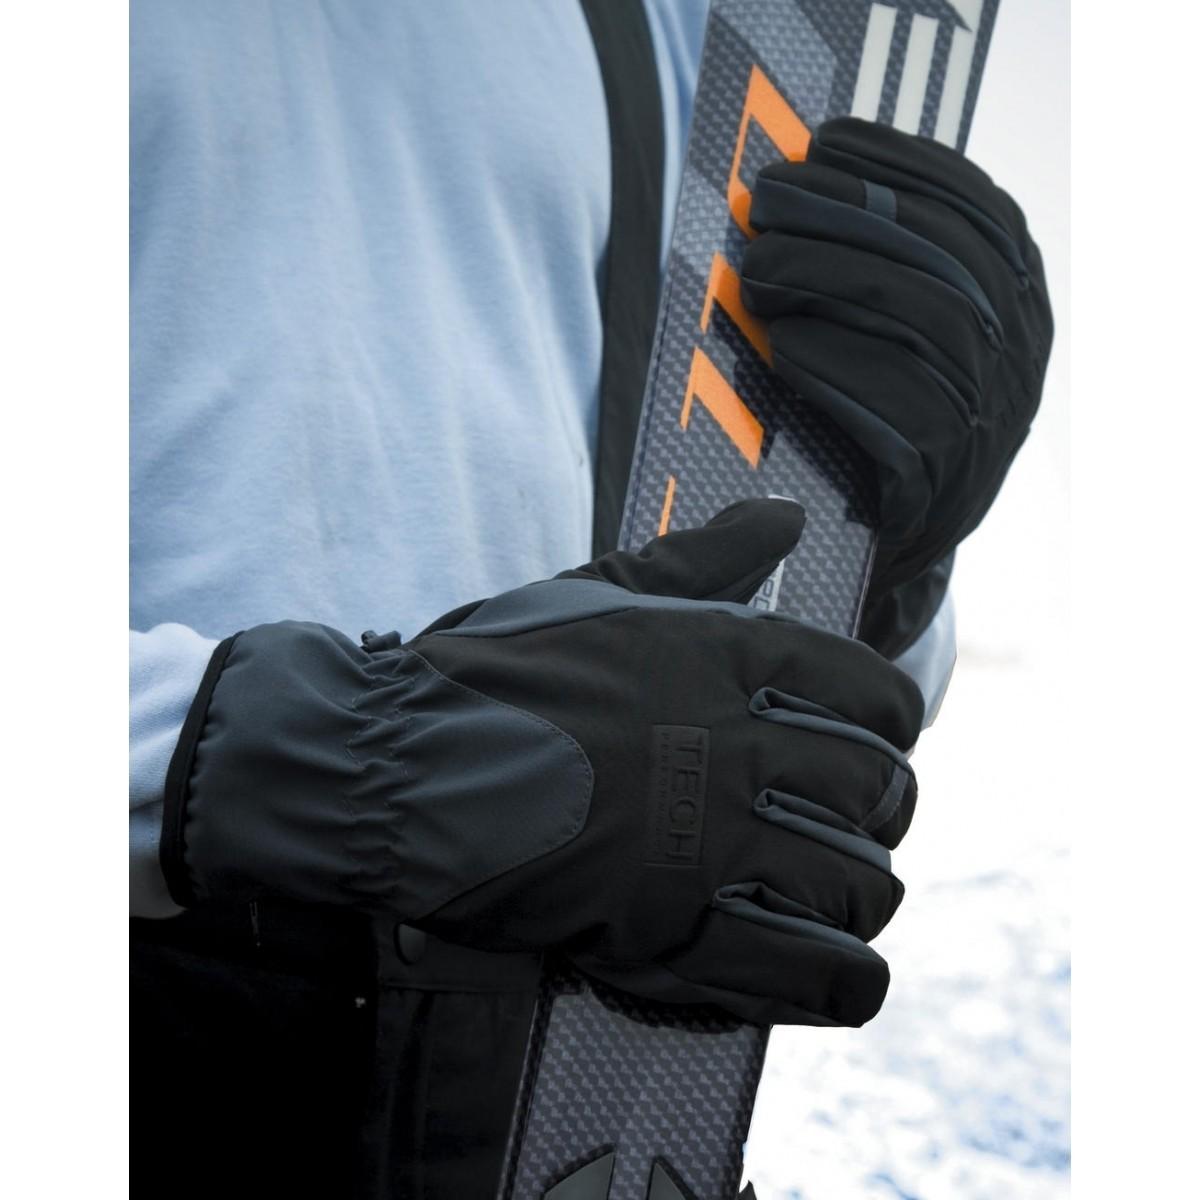 Tech Performance Sport Glove